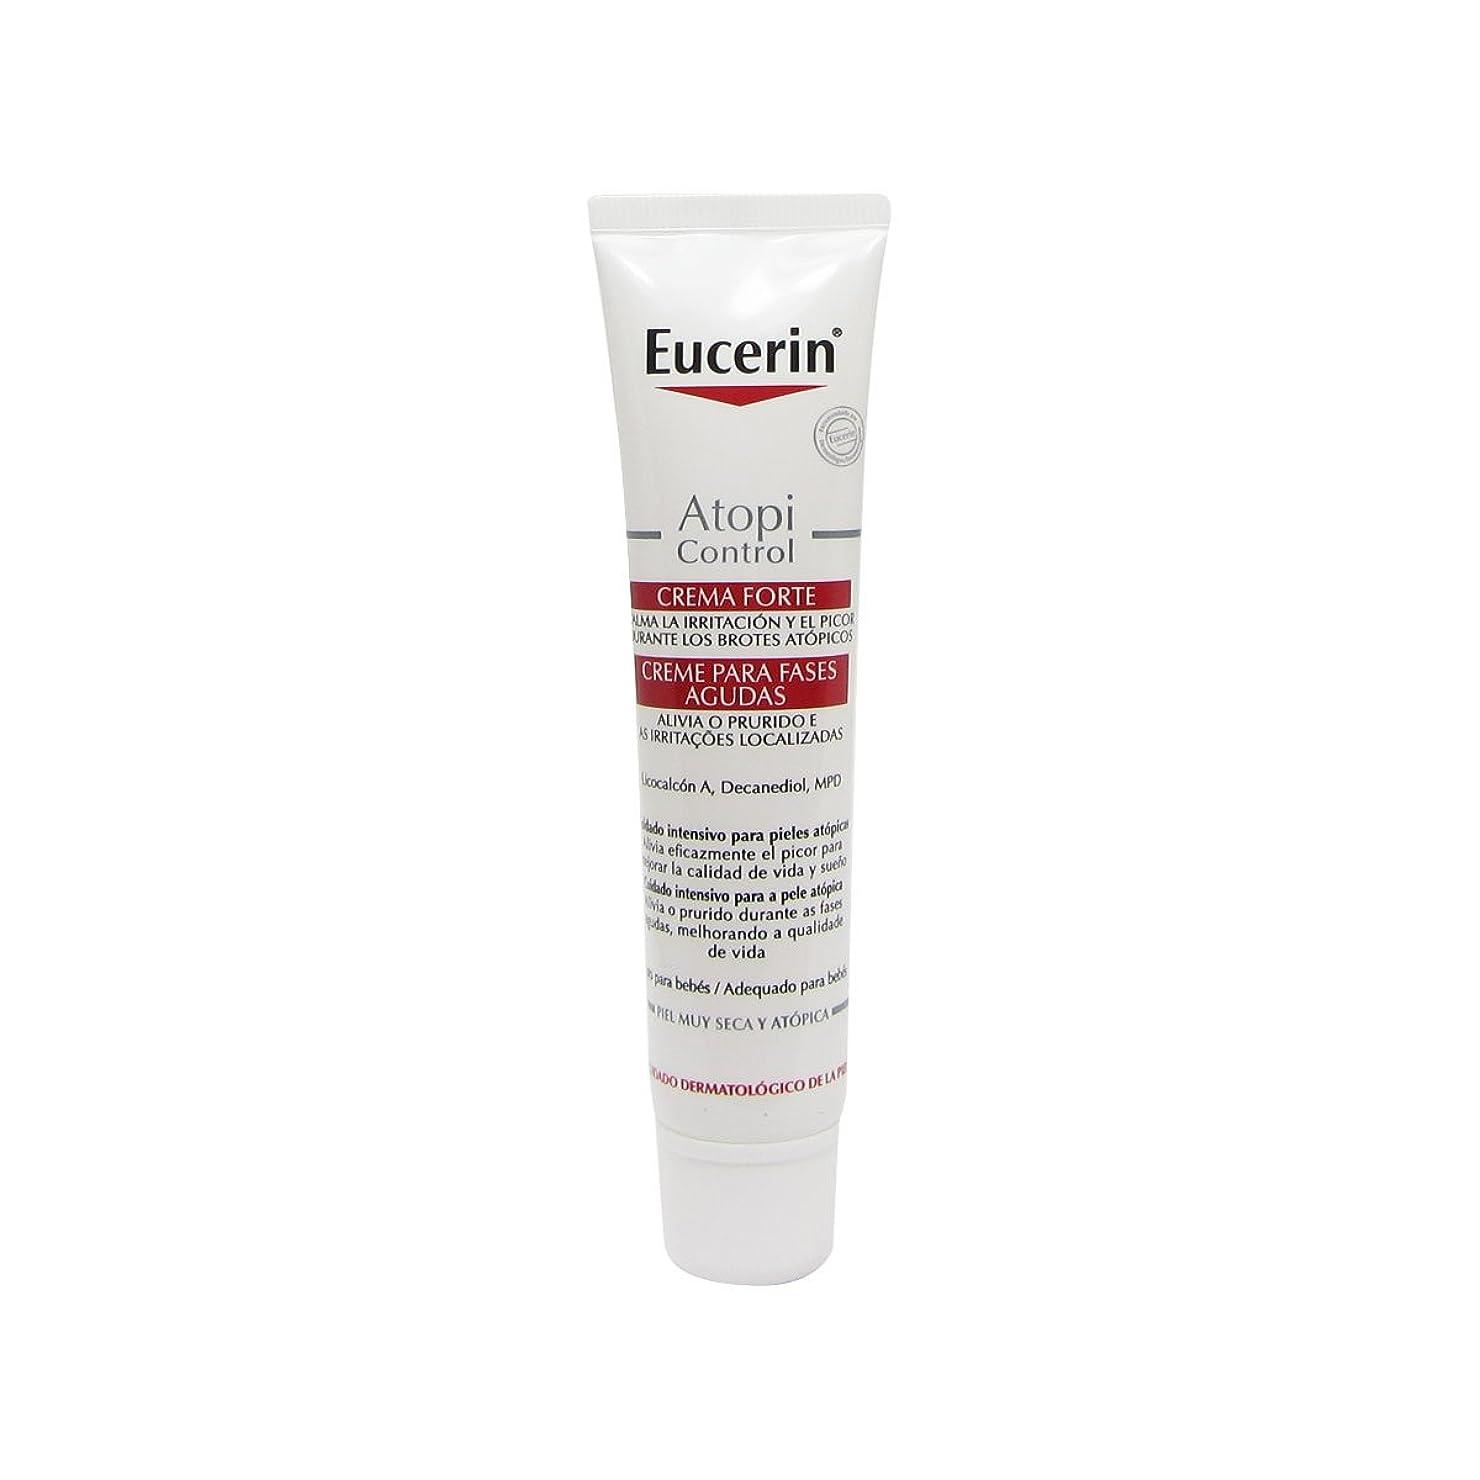 ヘルメット手足扇動するEucerin Atopicontrol Acute Care Cream 40ml [並行輸入品]